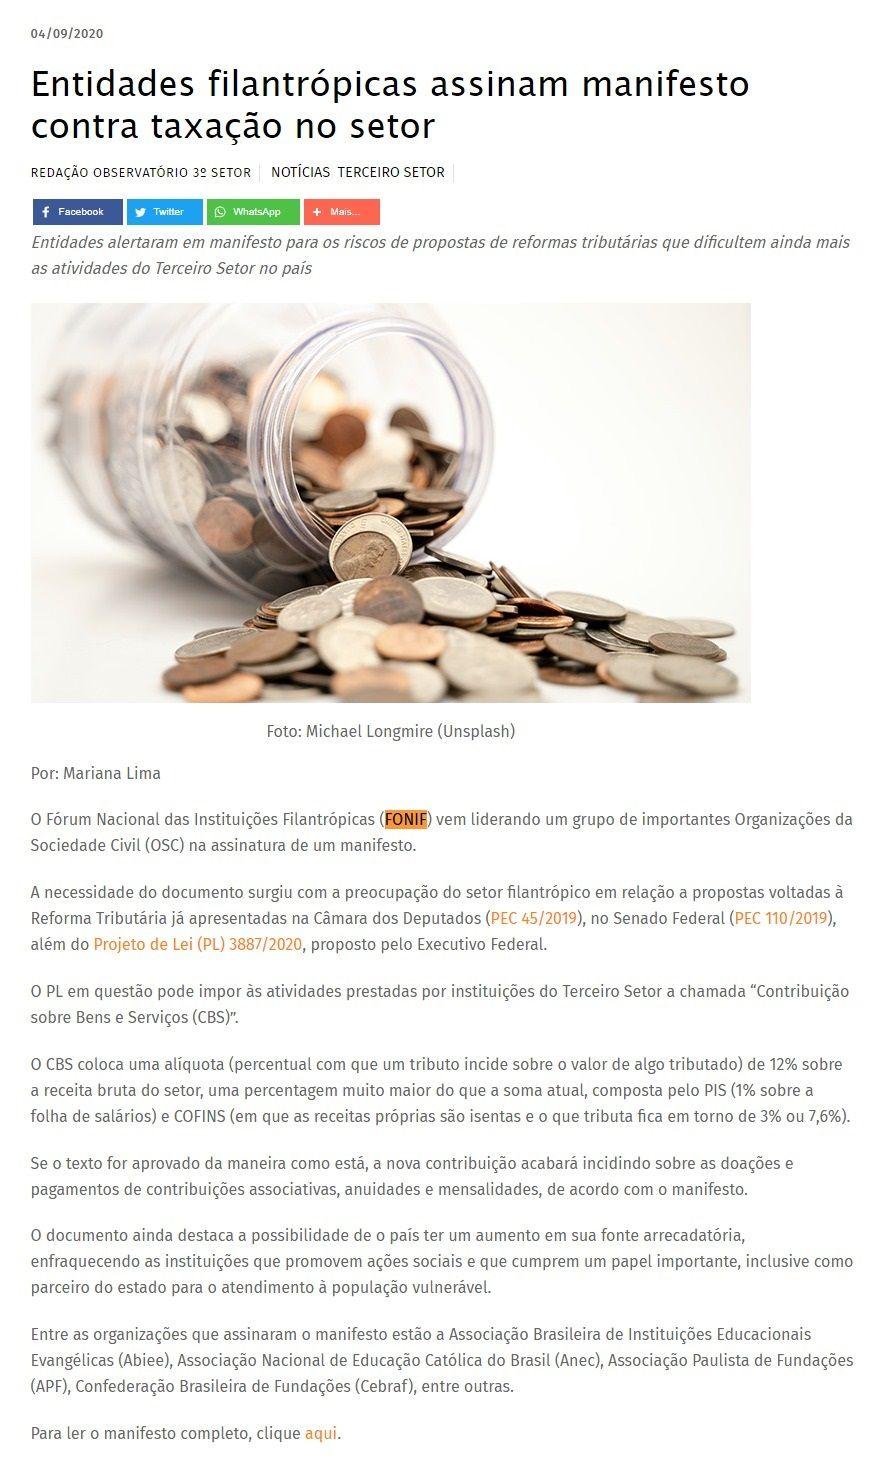 Entidades filantrópicas assinam manifesto contra taxação no setor Observatório do 3° Setor